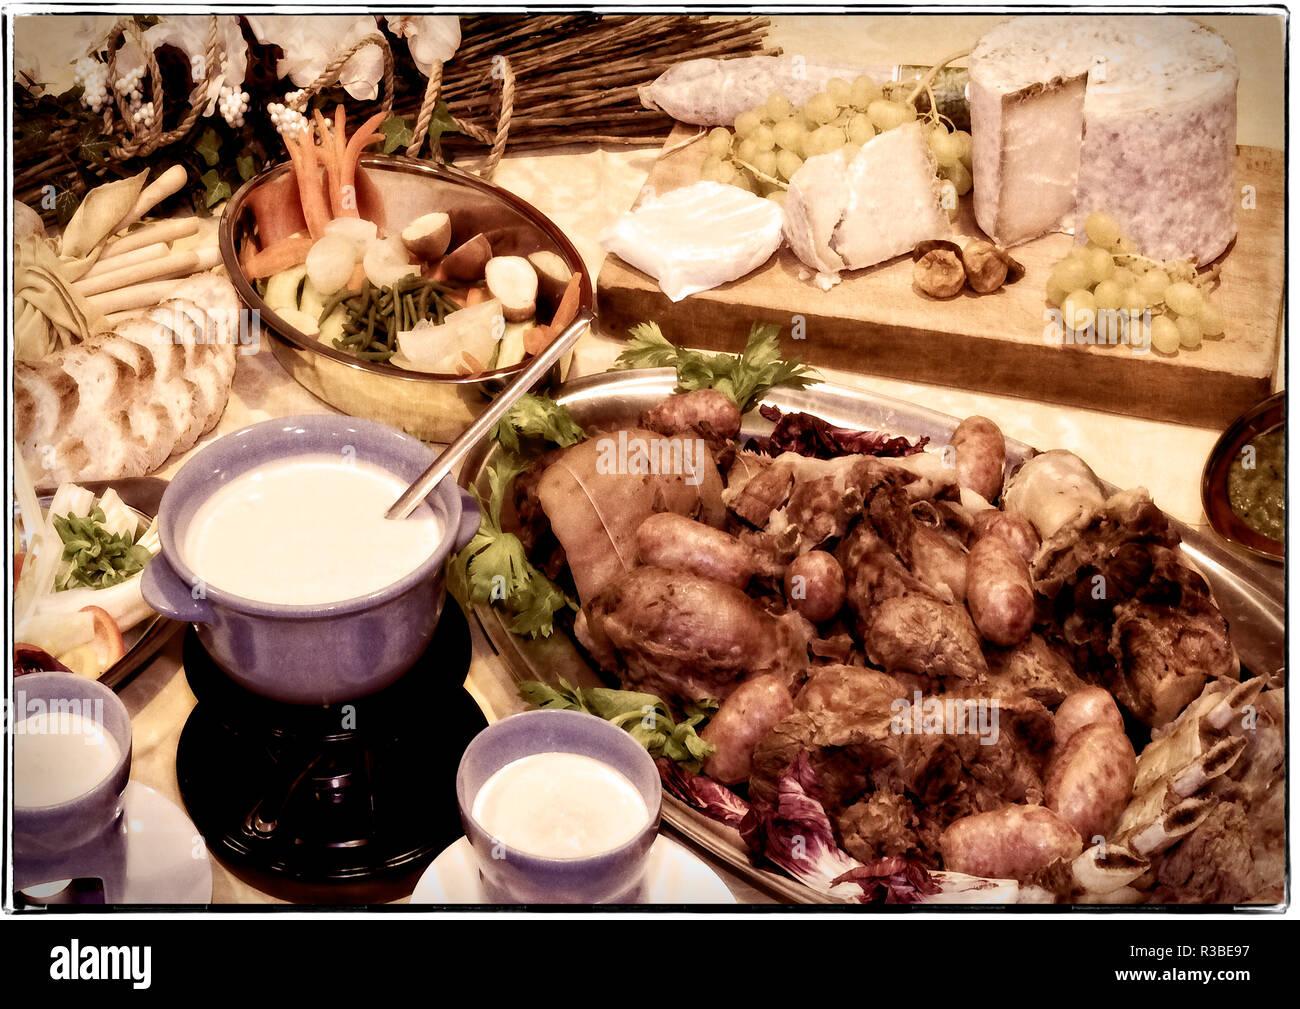 Piedmont Villafalletto Restaurant agli Alteni Bolito Misto alla piemontese e salse Stock Photo